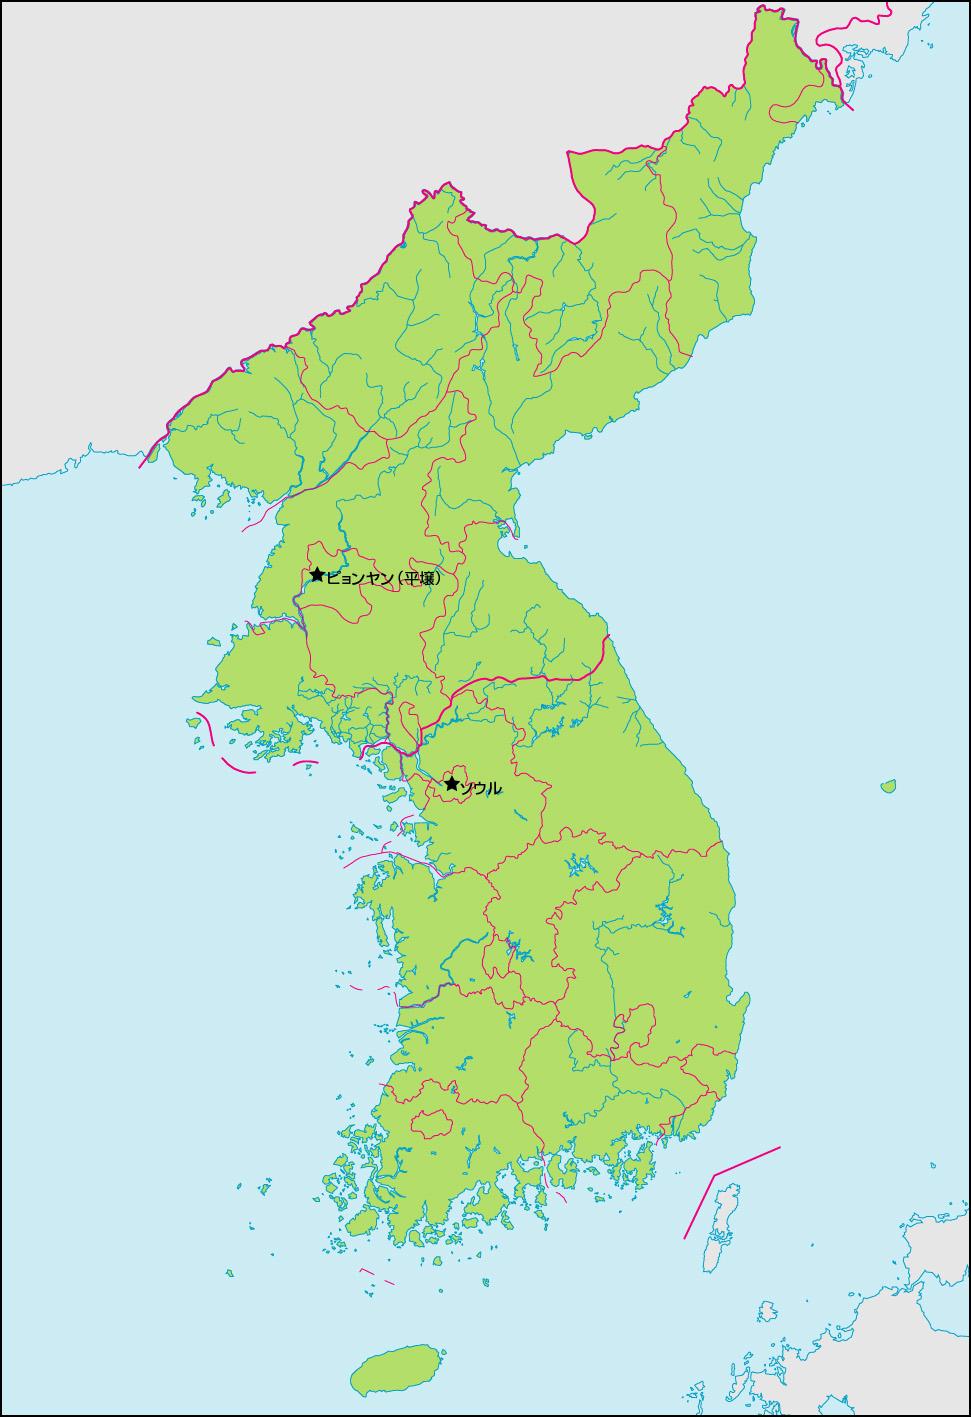 朝鮮半島地図(行政区分・首都・国境記載)の画像 行政区分・首都・国境記載